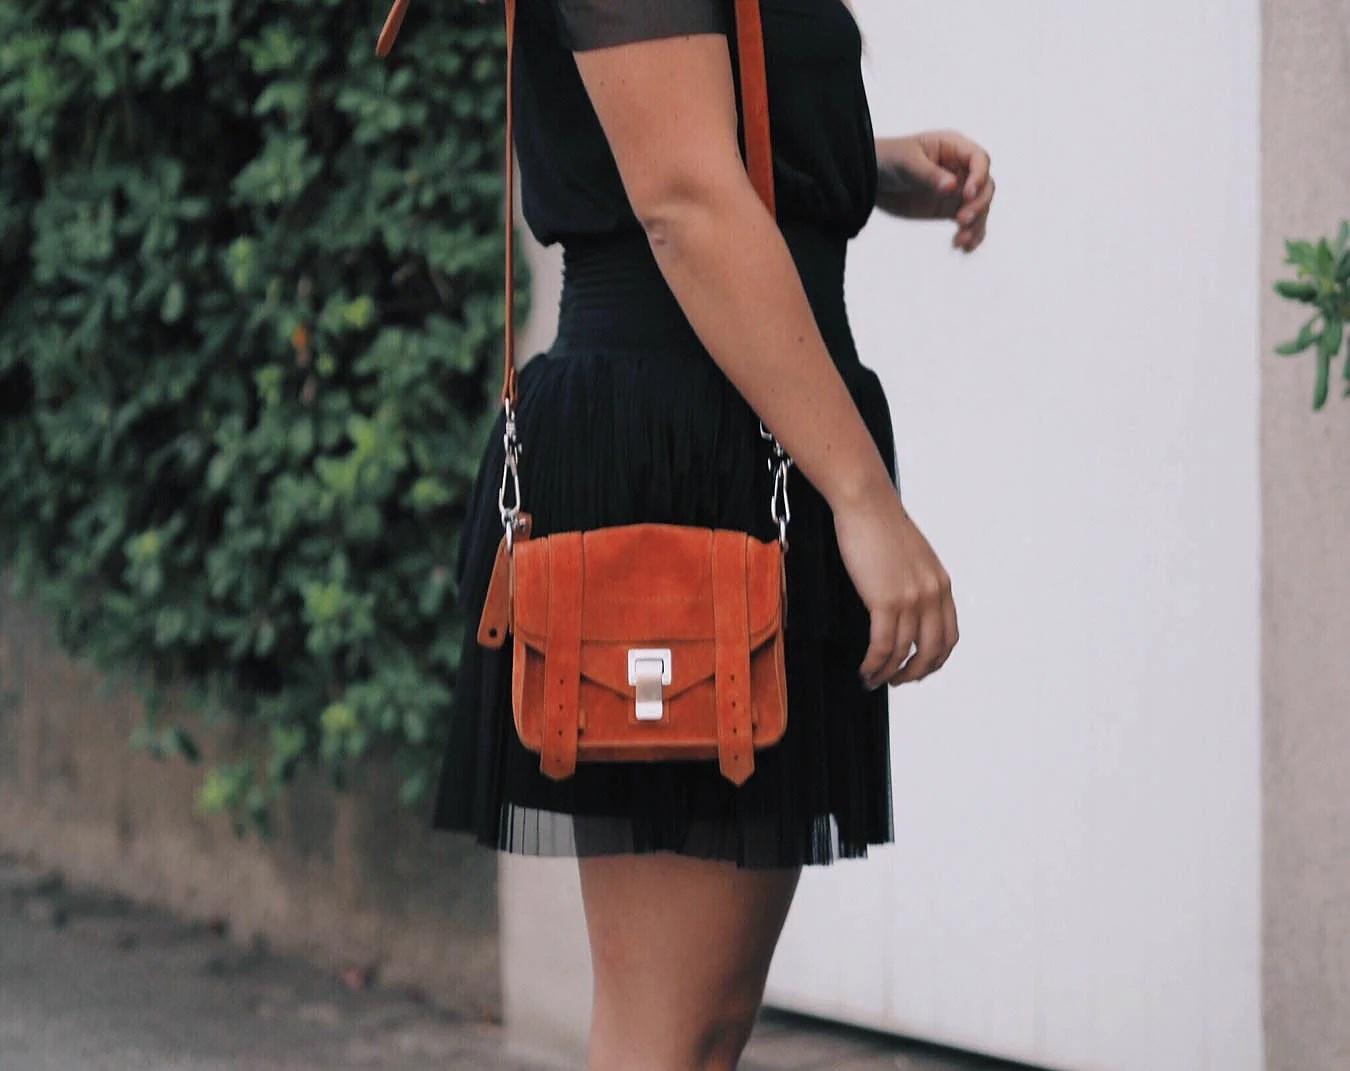 Black dress in Port Grimaud